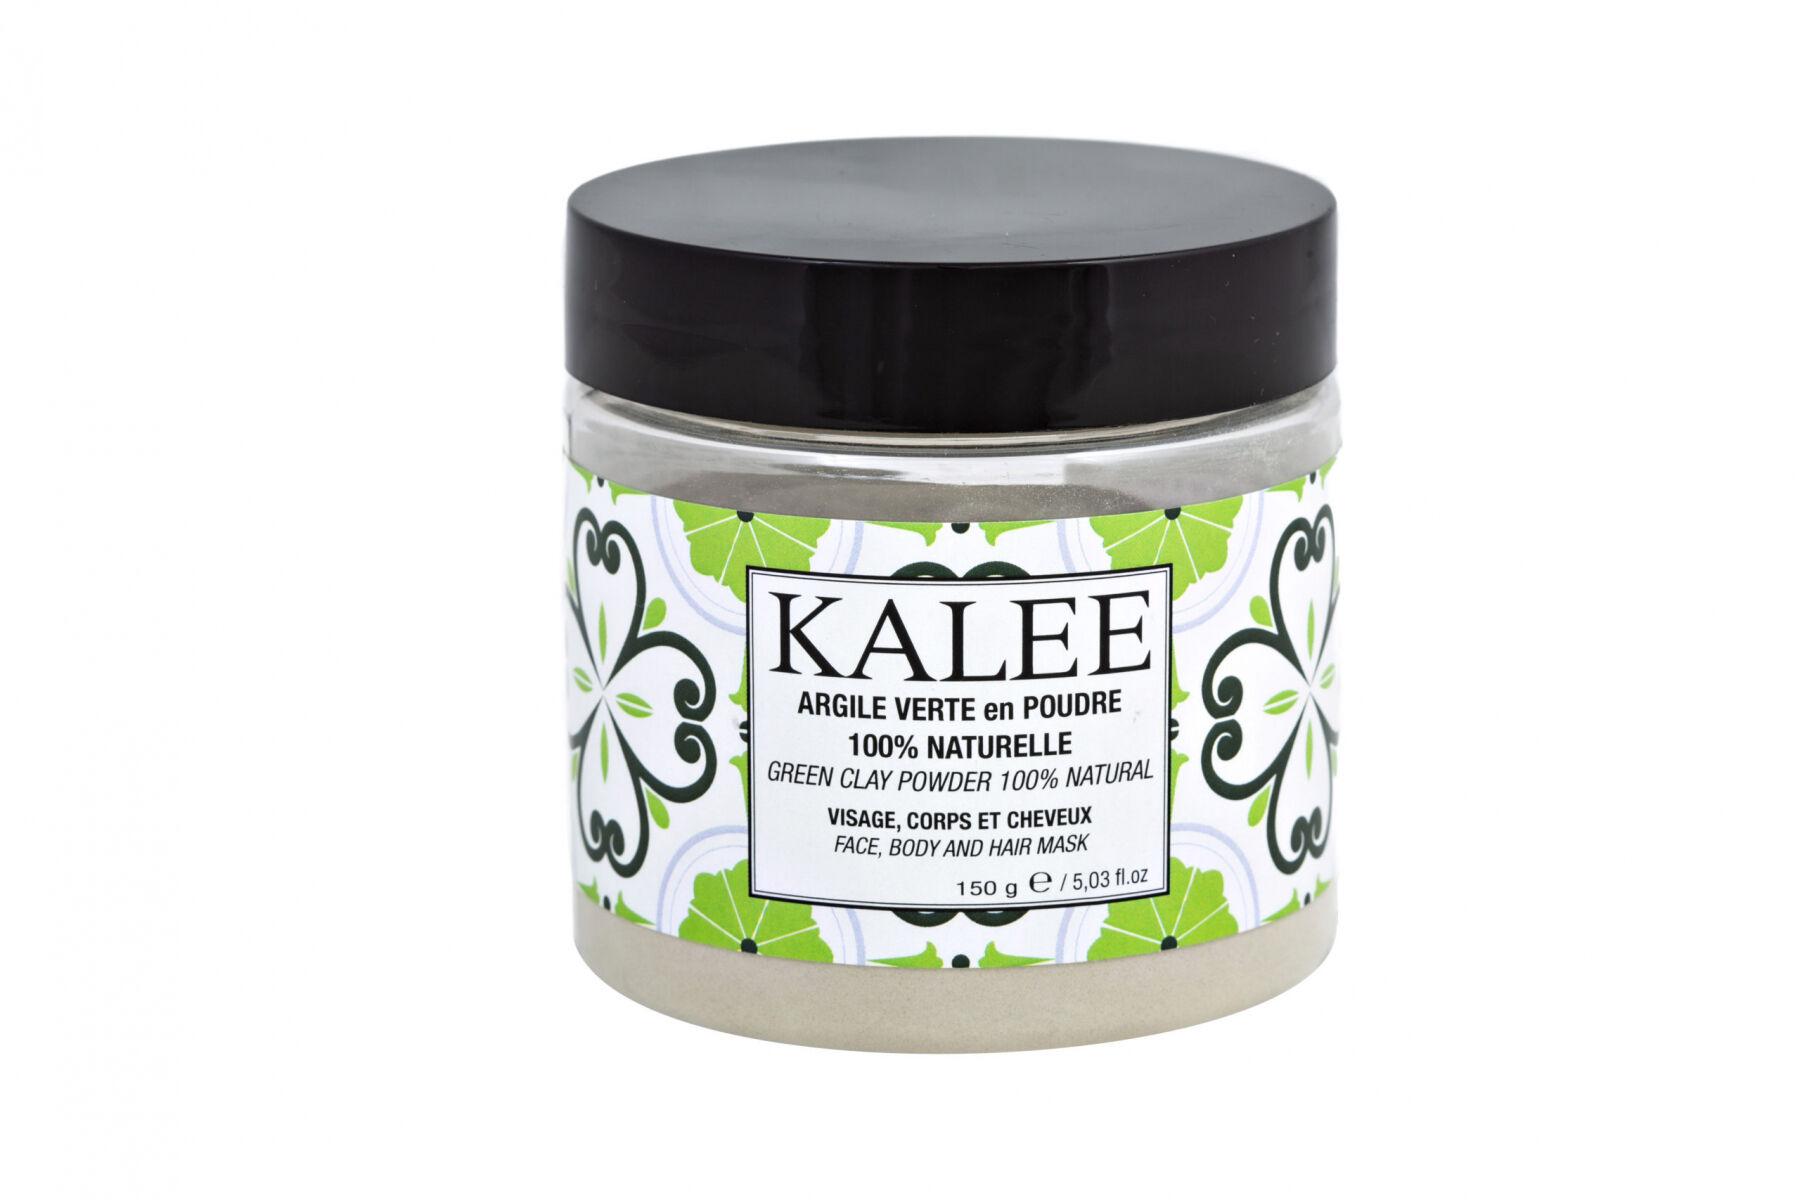 Kalee Beauty Argile verte en poudre 100% naturelle